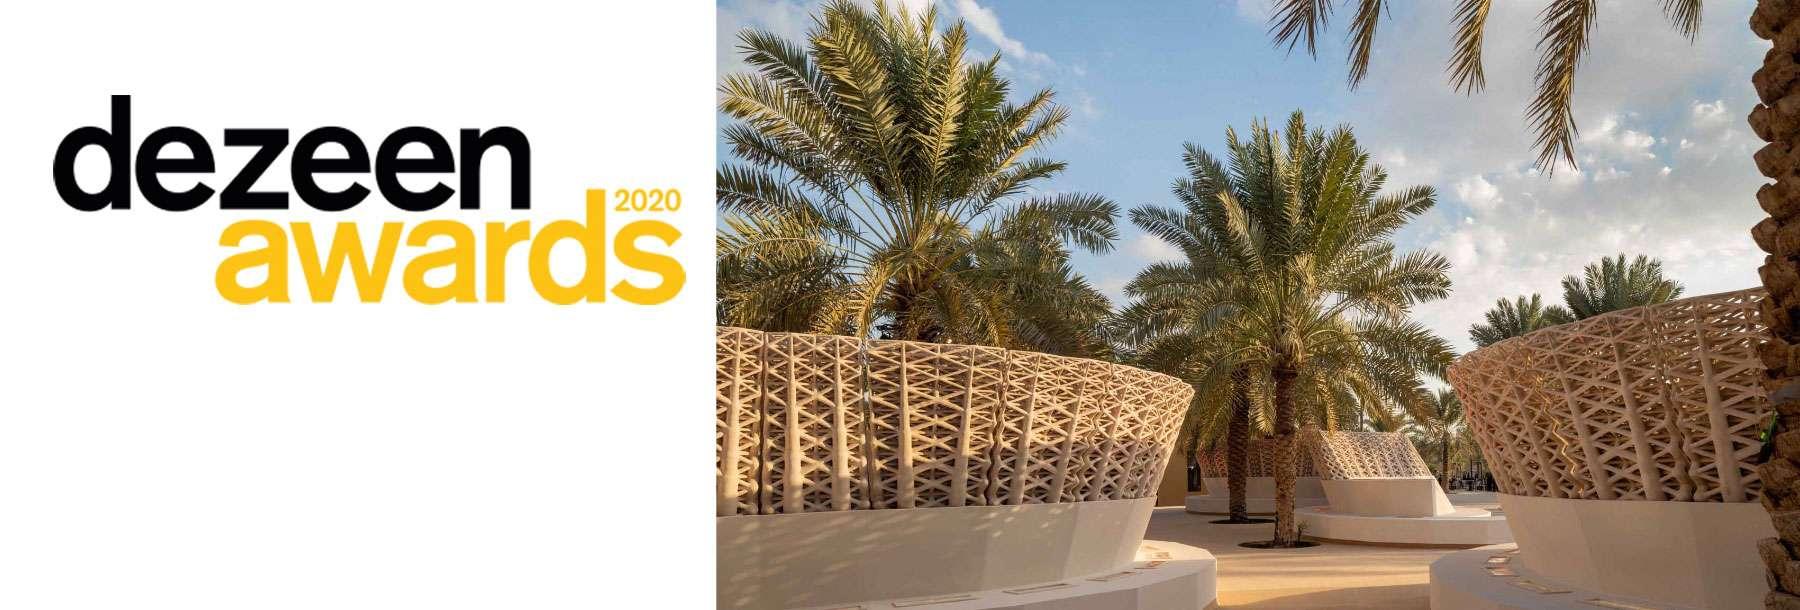 لیست جوایز طراحی معماری Dezeen2020 در دو بخش معماری و طراحی داخلی منتشر شد.